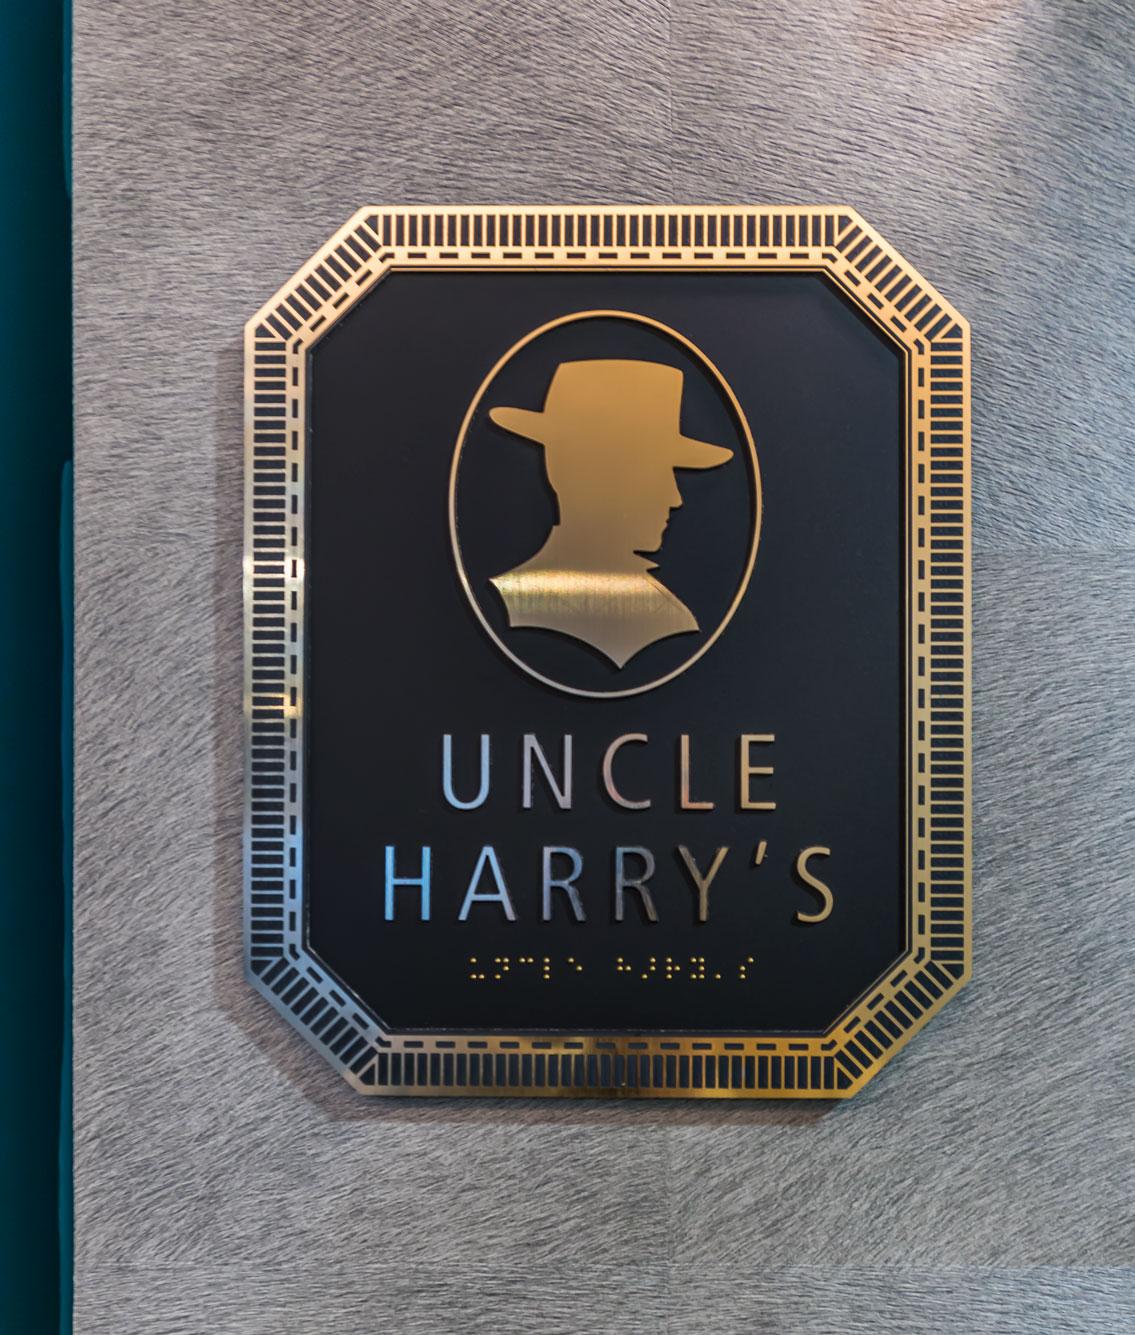 uncle-harry's-1.jpg